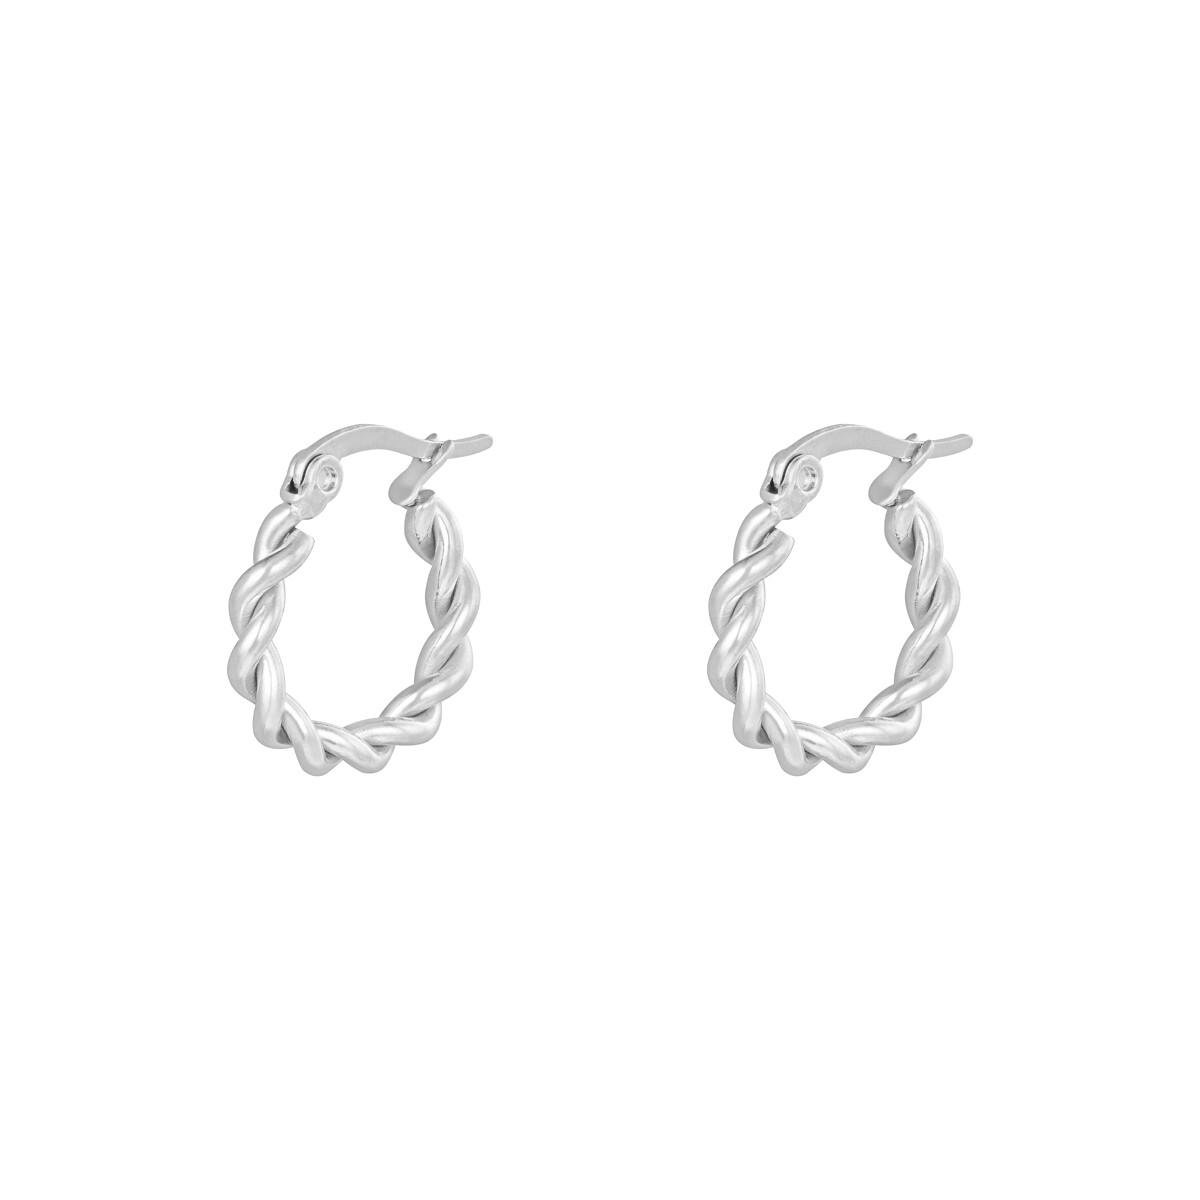 Gedraaide oorringetjes zilver 15mm stainless steel